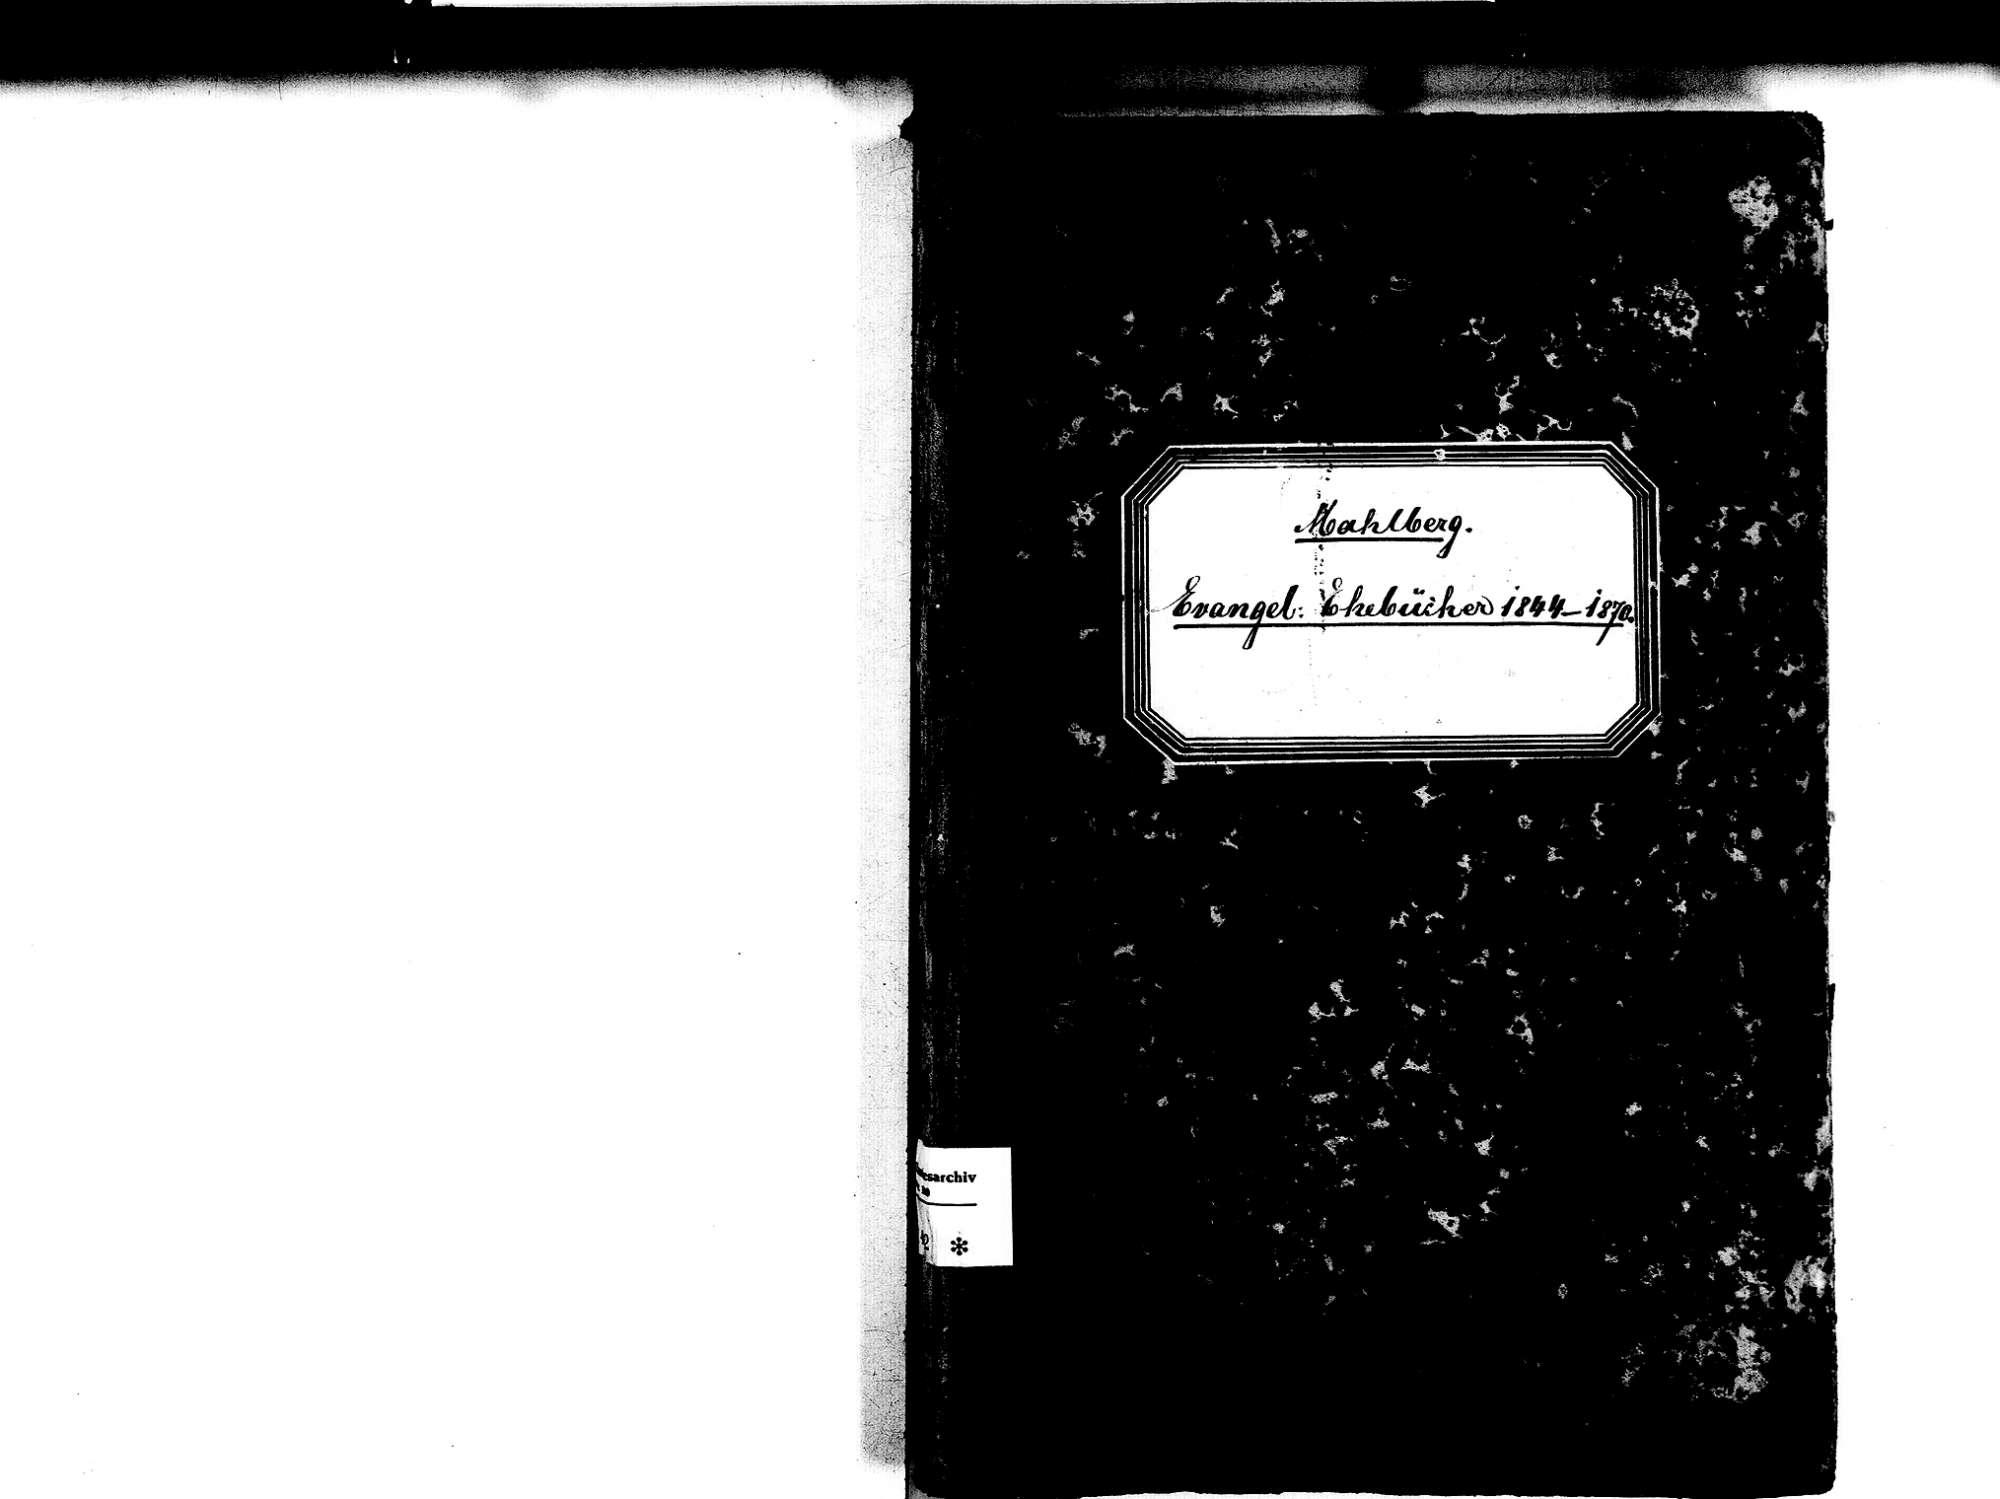 Mahlberg OG; Evangelische Gemeinde: Heiratsbuch 1844-1870, Bild 2